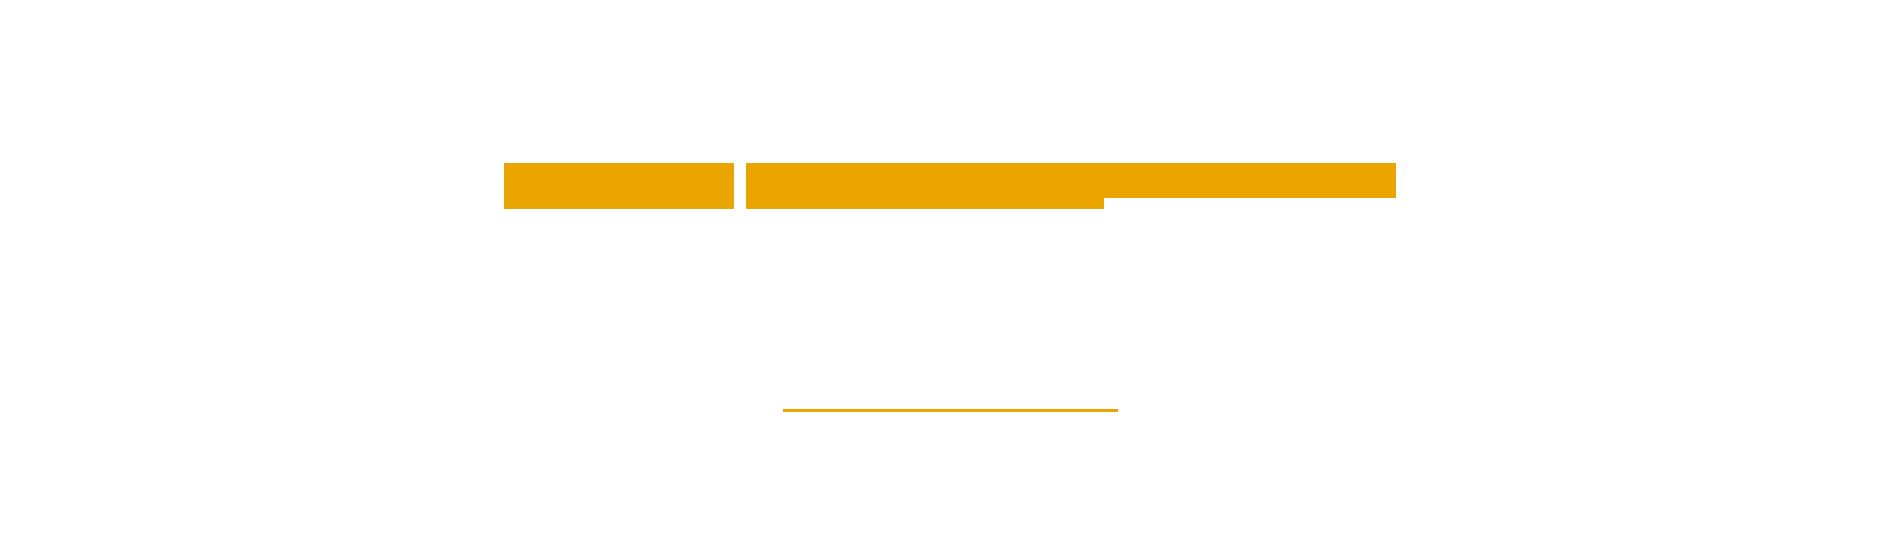 paralaxra_sliderverzio1_tegezo